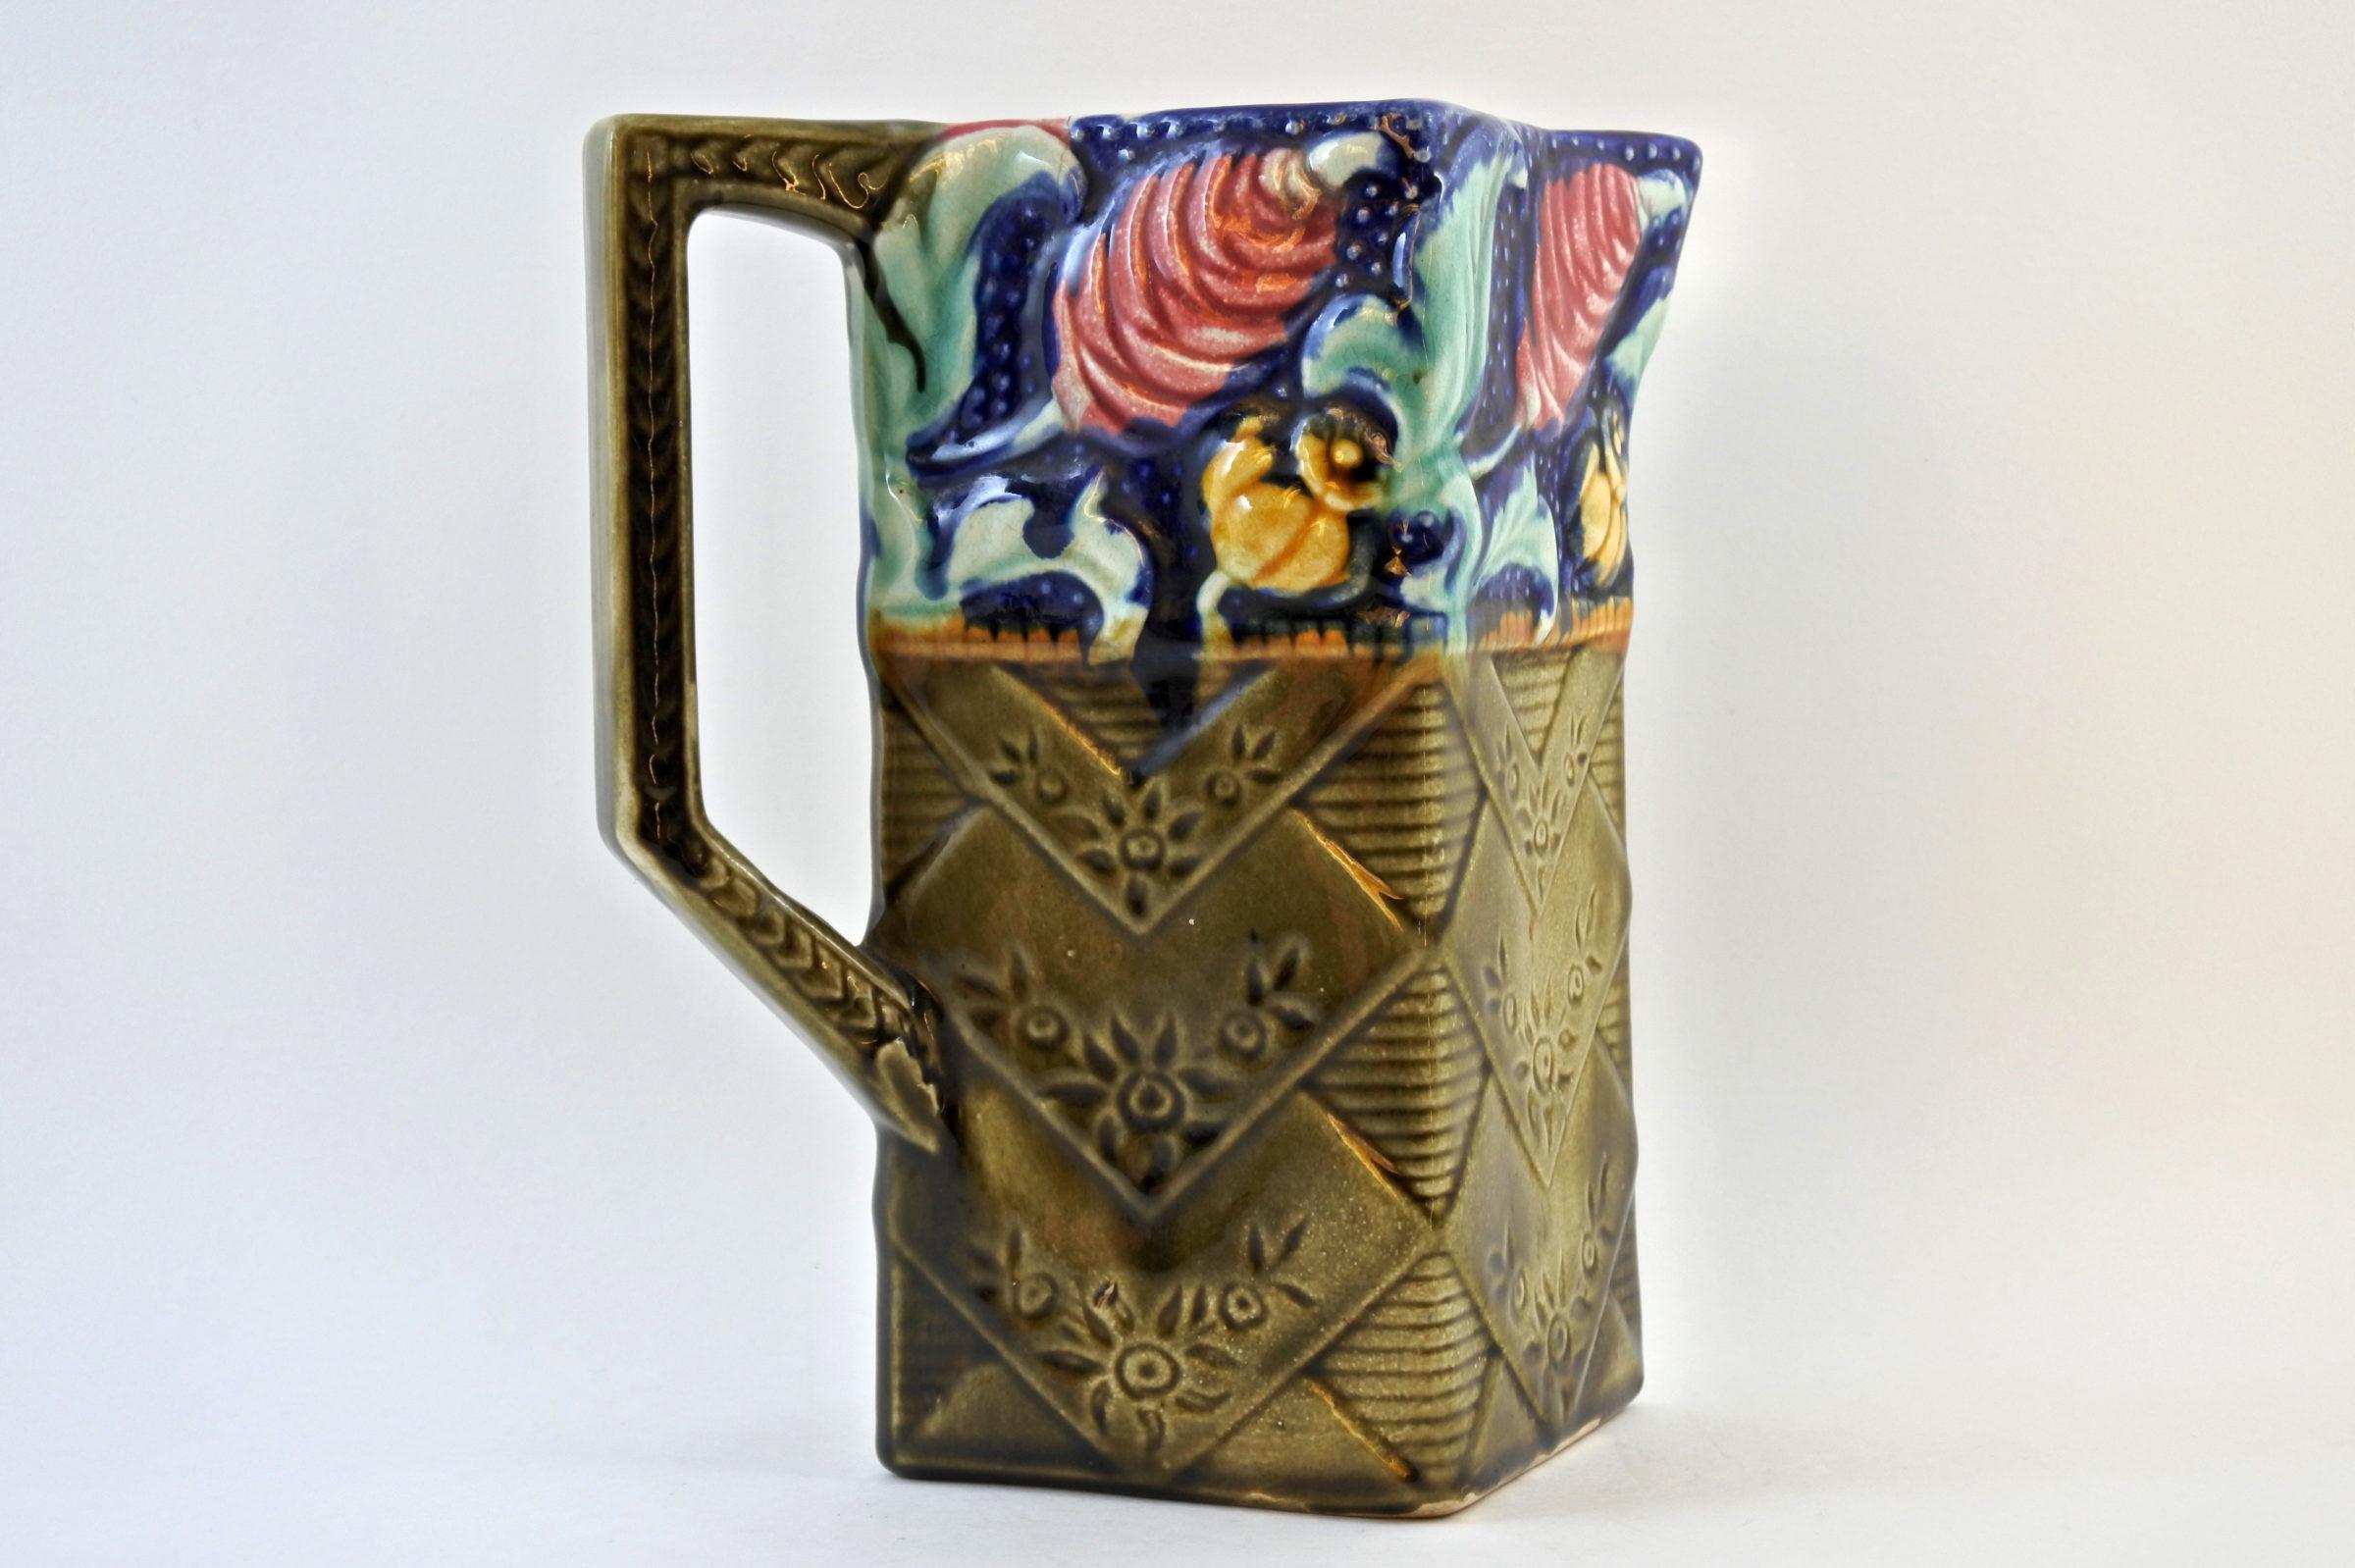 Brocca in ceramica barbotine con fiori - Céleste - 3